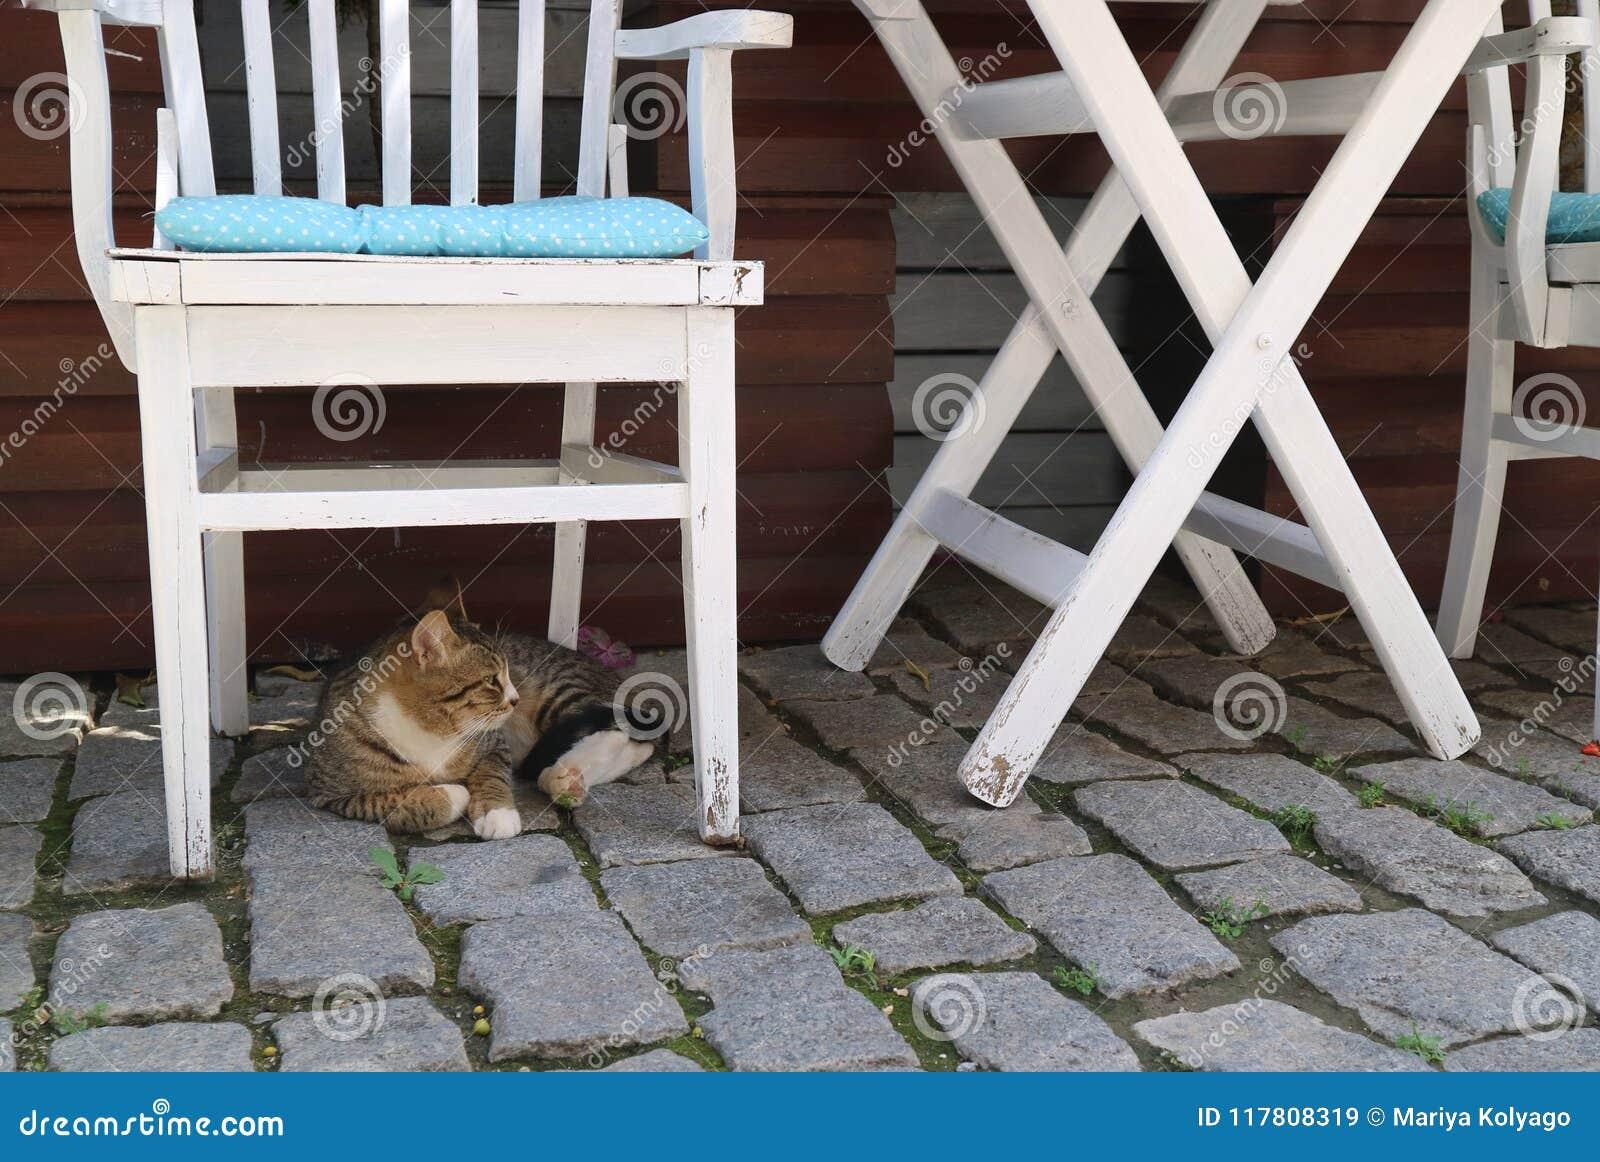 De kat ligt onder de witte stoel